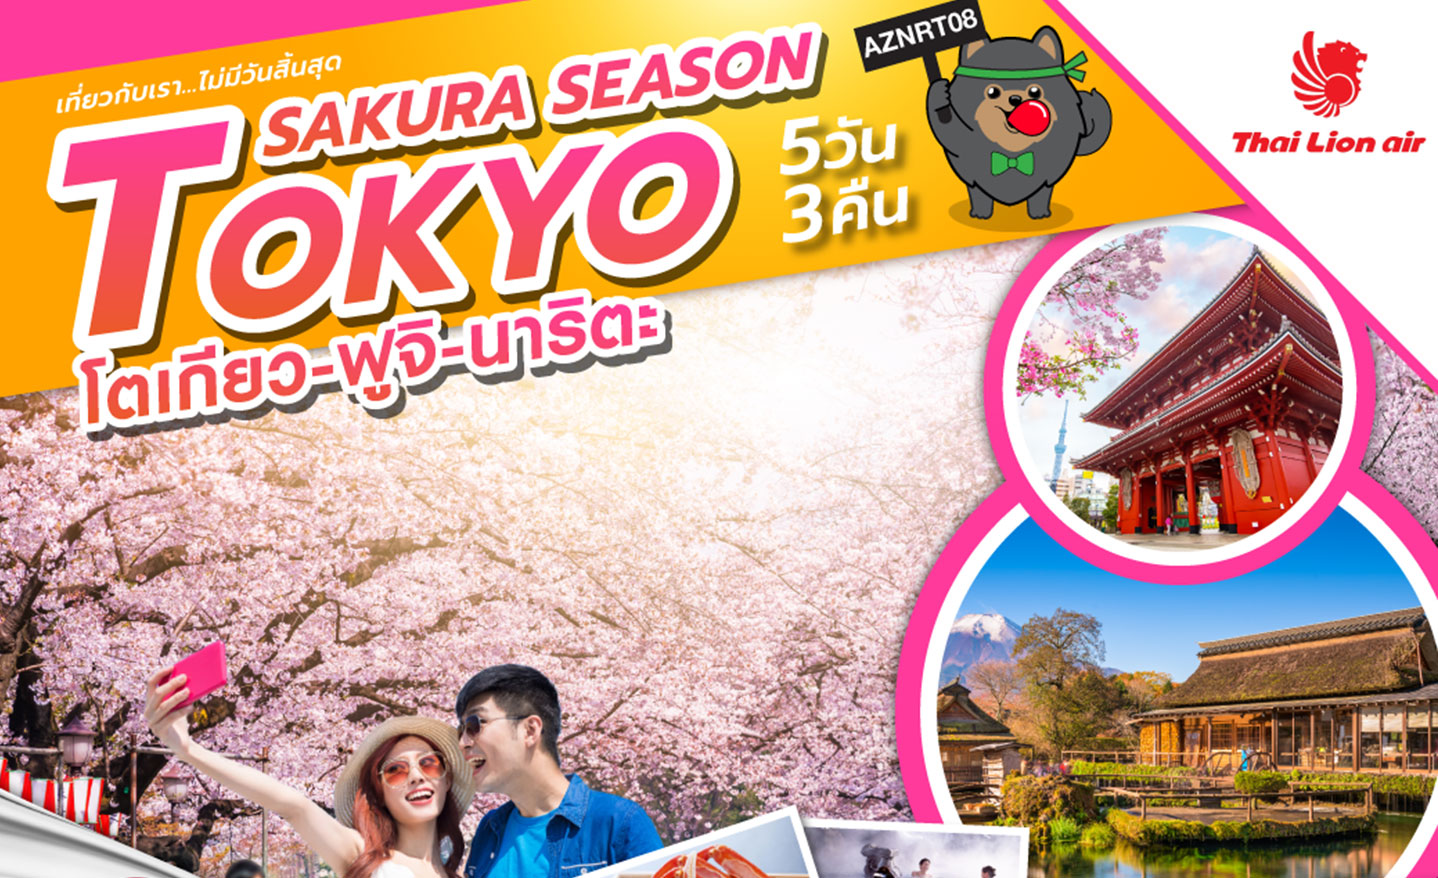 ทัวร์ญี่ปุ่น Sakura Season Tokyo (มี.ค.-เม.ย.62)